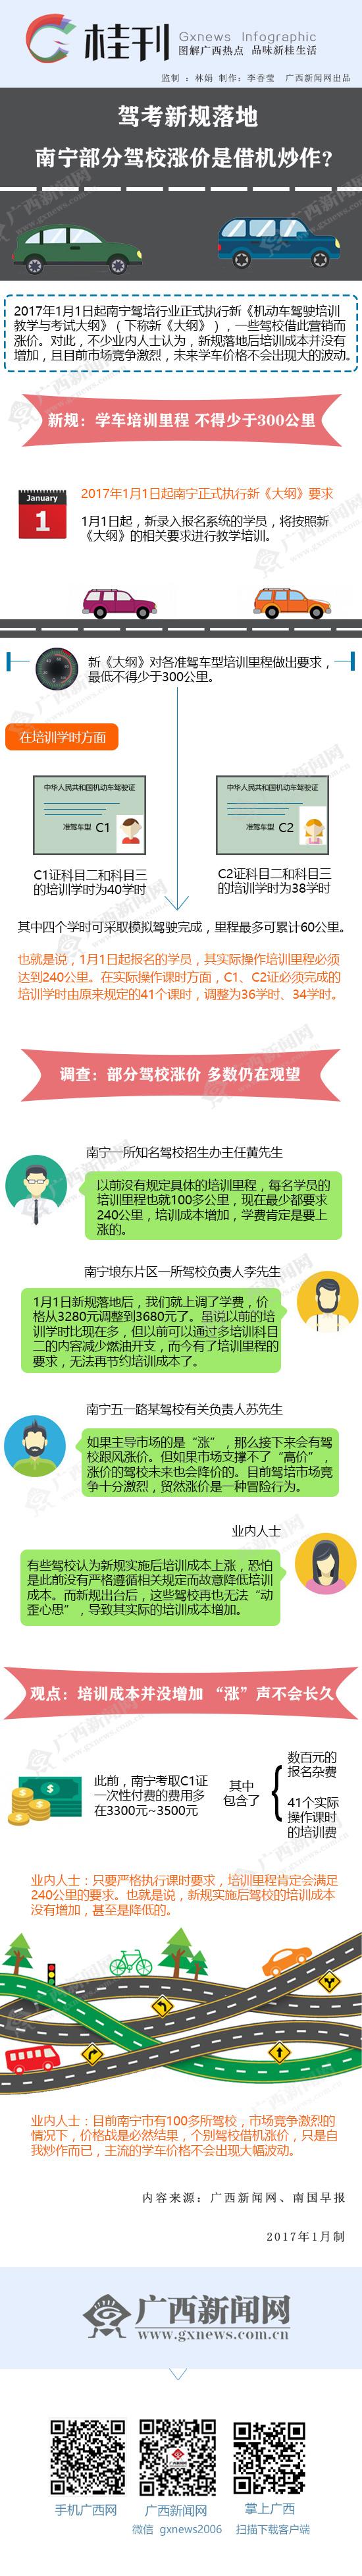 [桂刊]驾考新规落地 南宁部分驾校涨价是炒作?